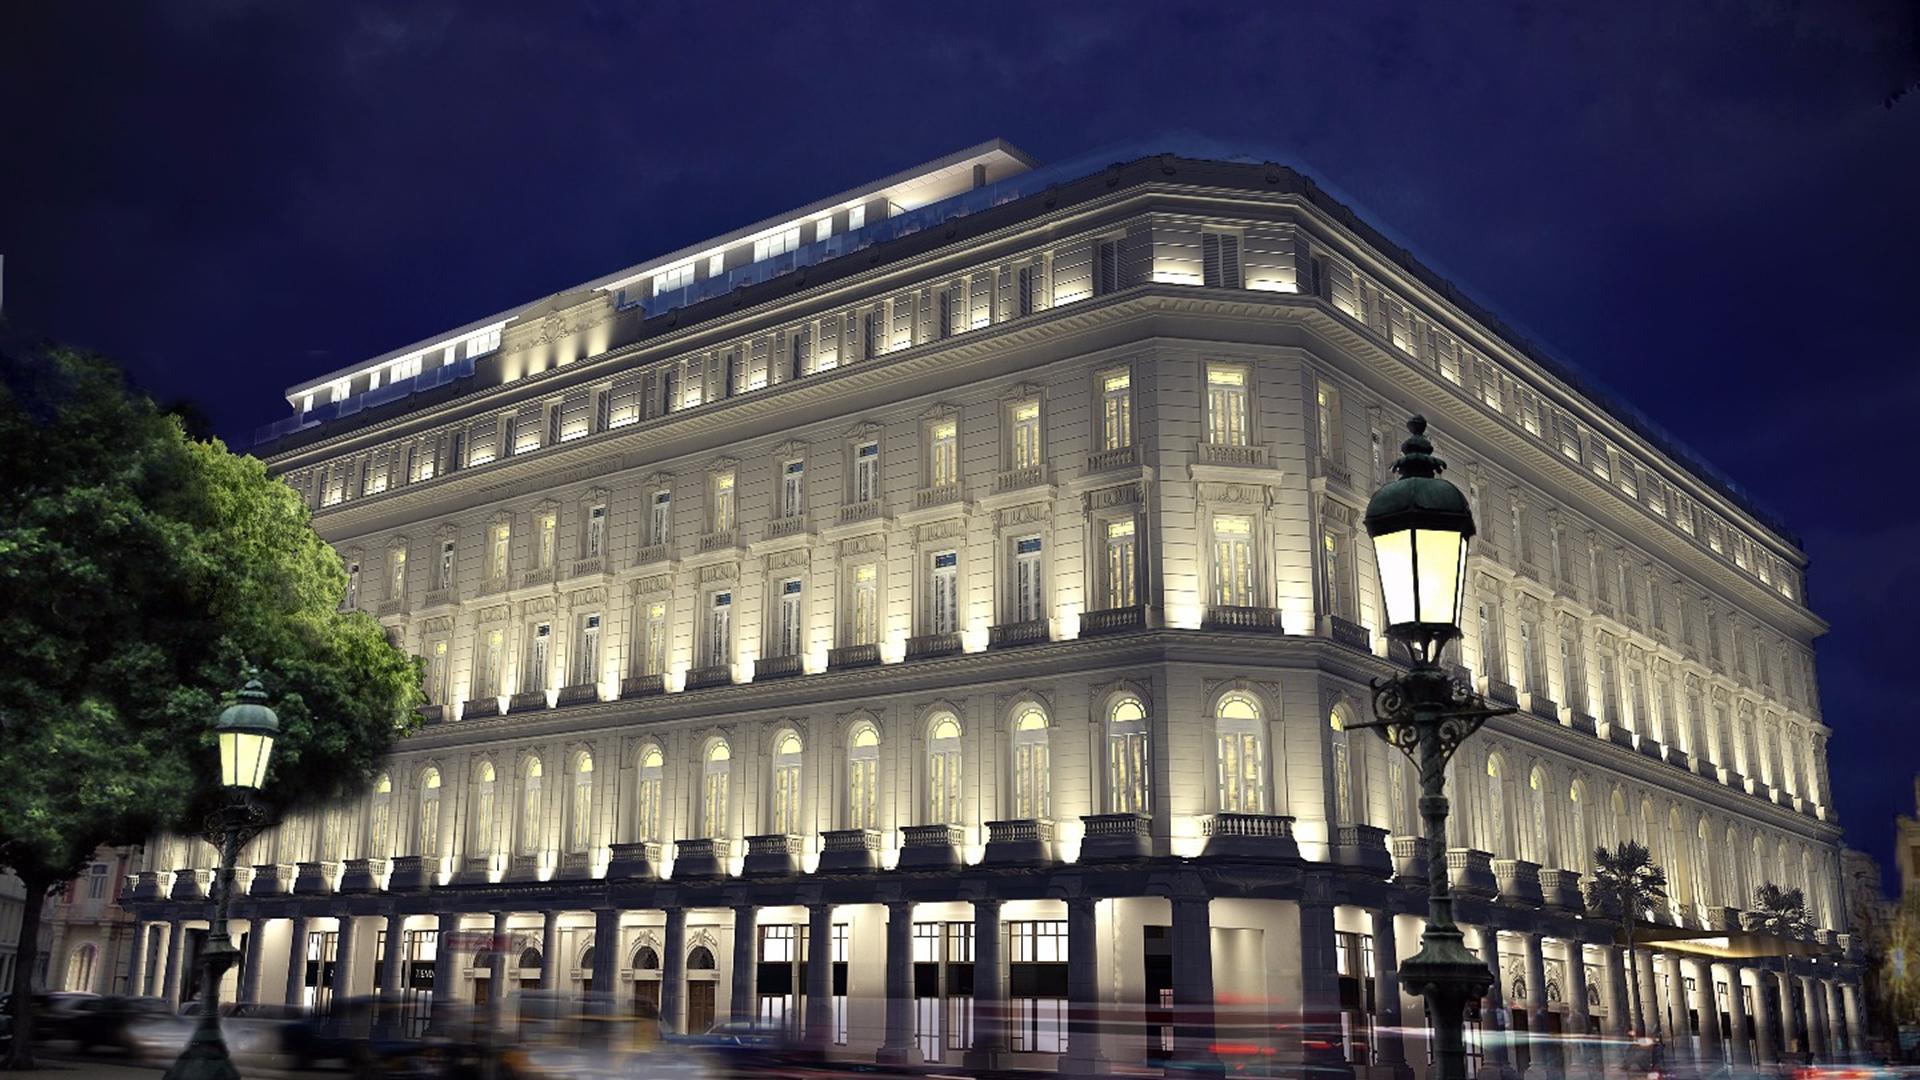 As qued el gran hotel manzana 5 estrellas de lujo for Hoteles de lujo fotos